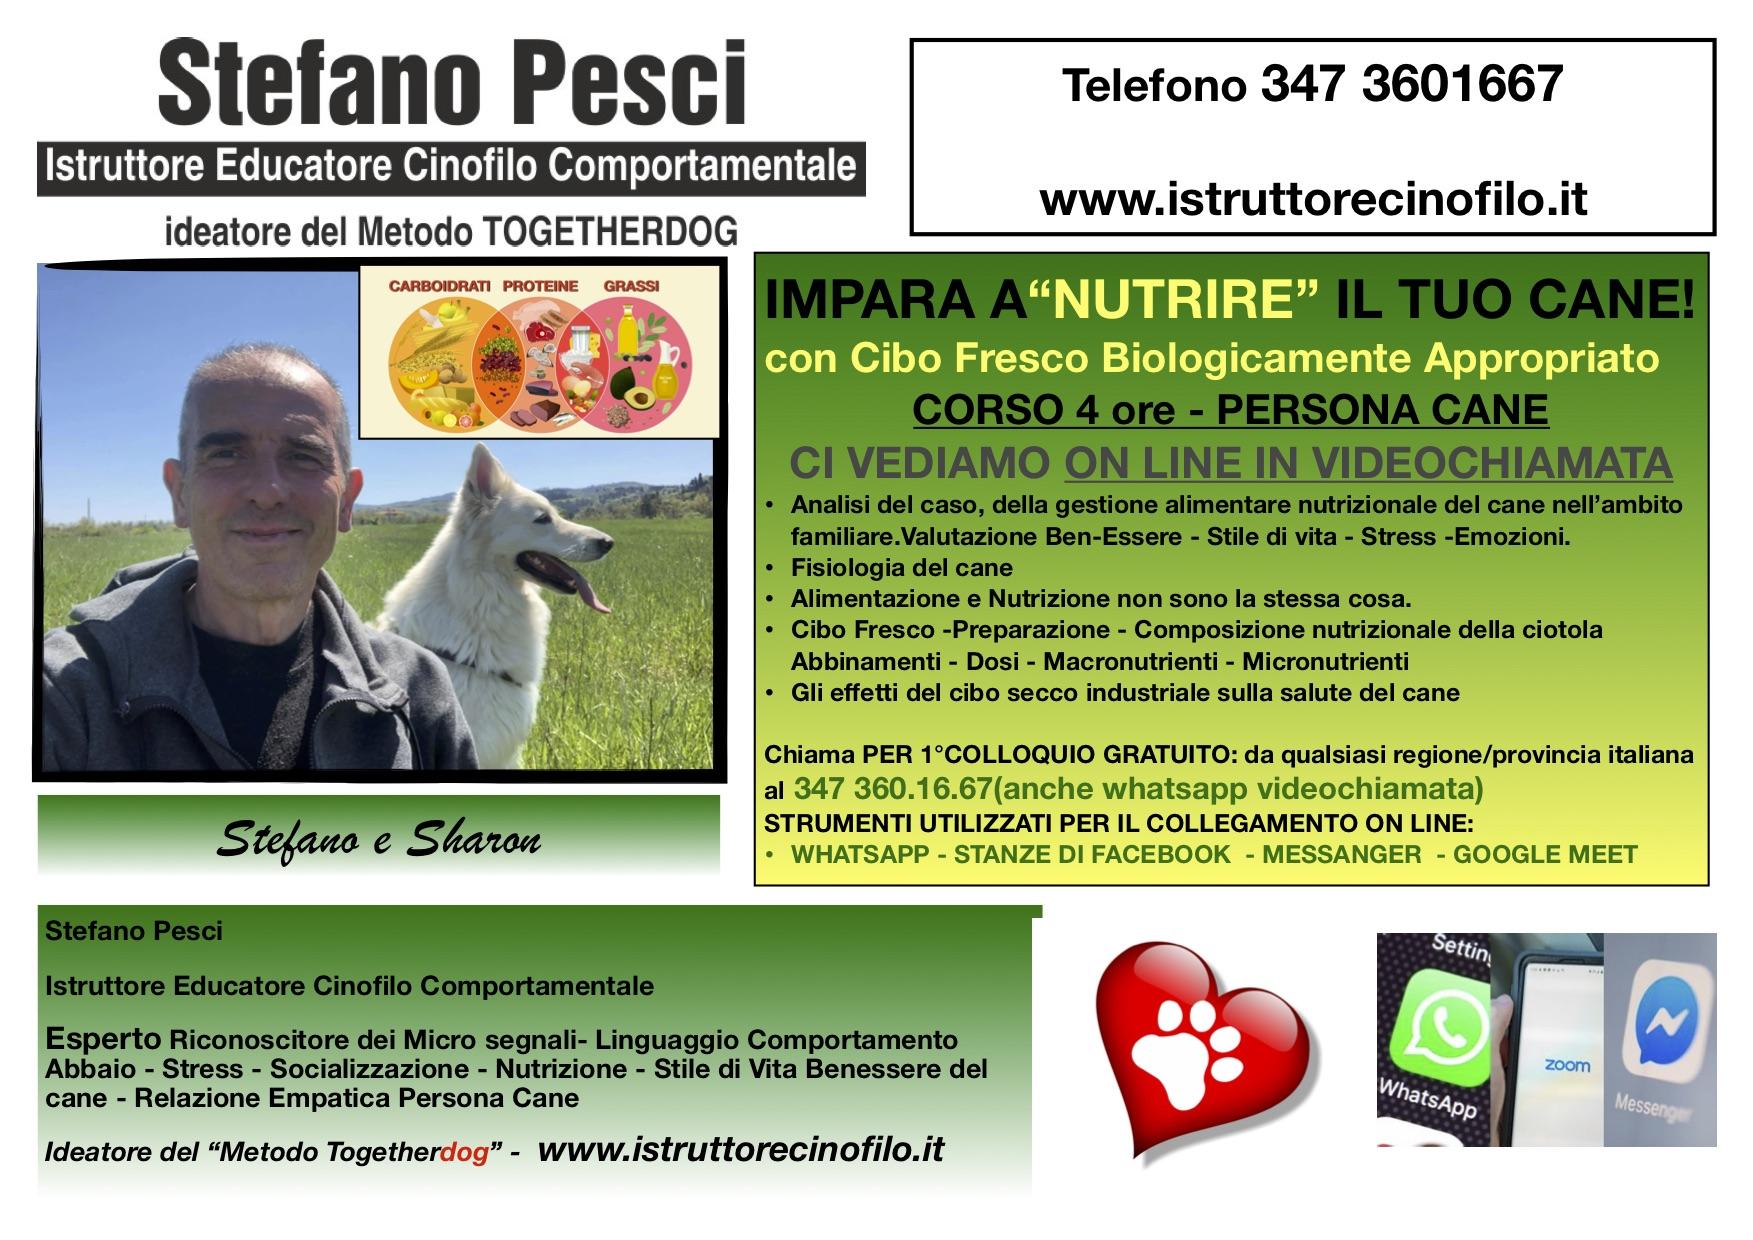 Impara a Nutrire il Cane - Stefano Pesci